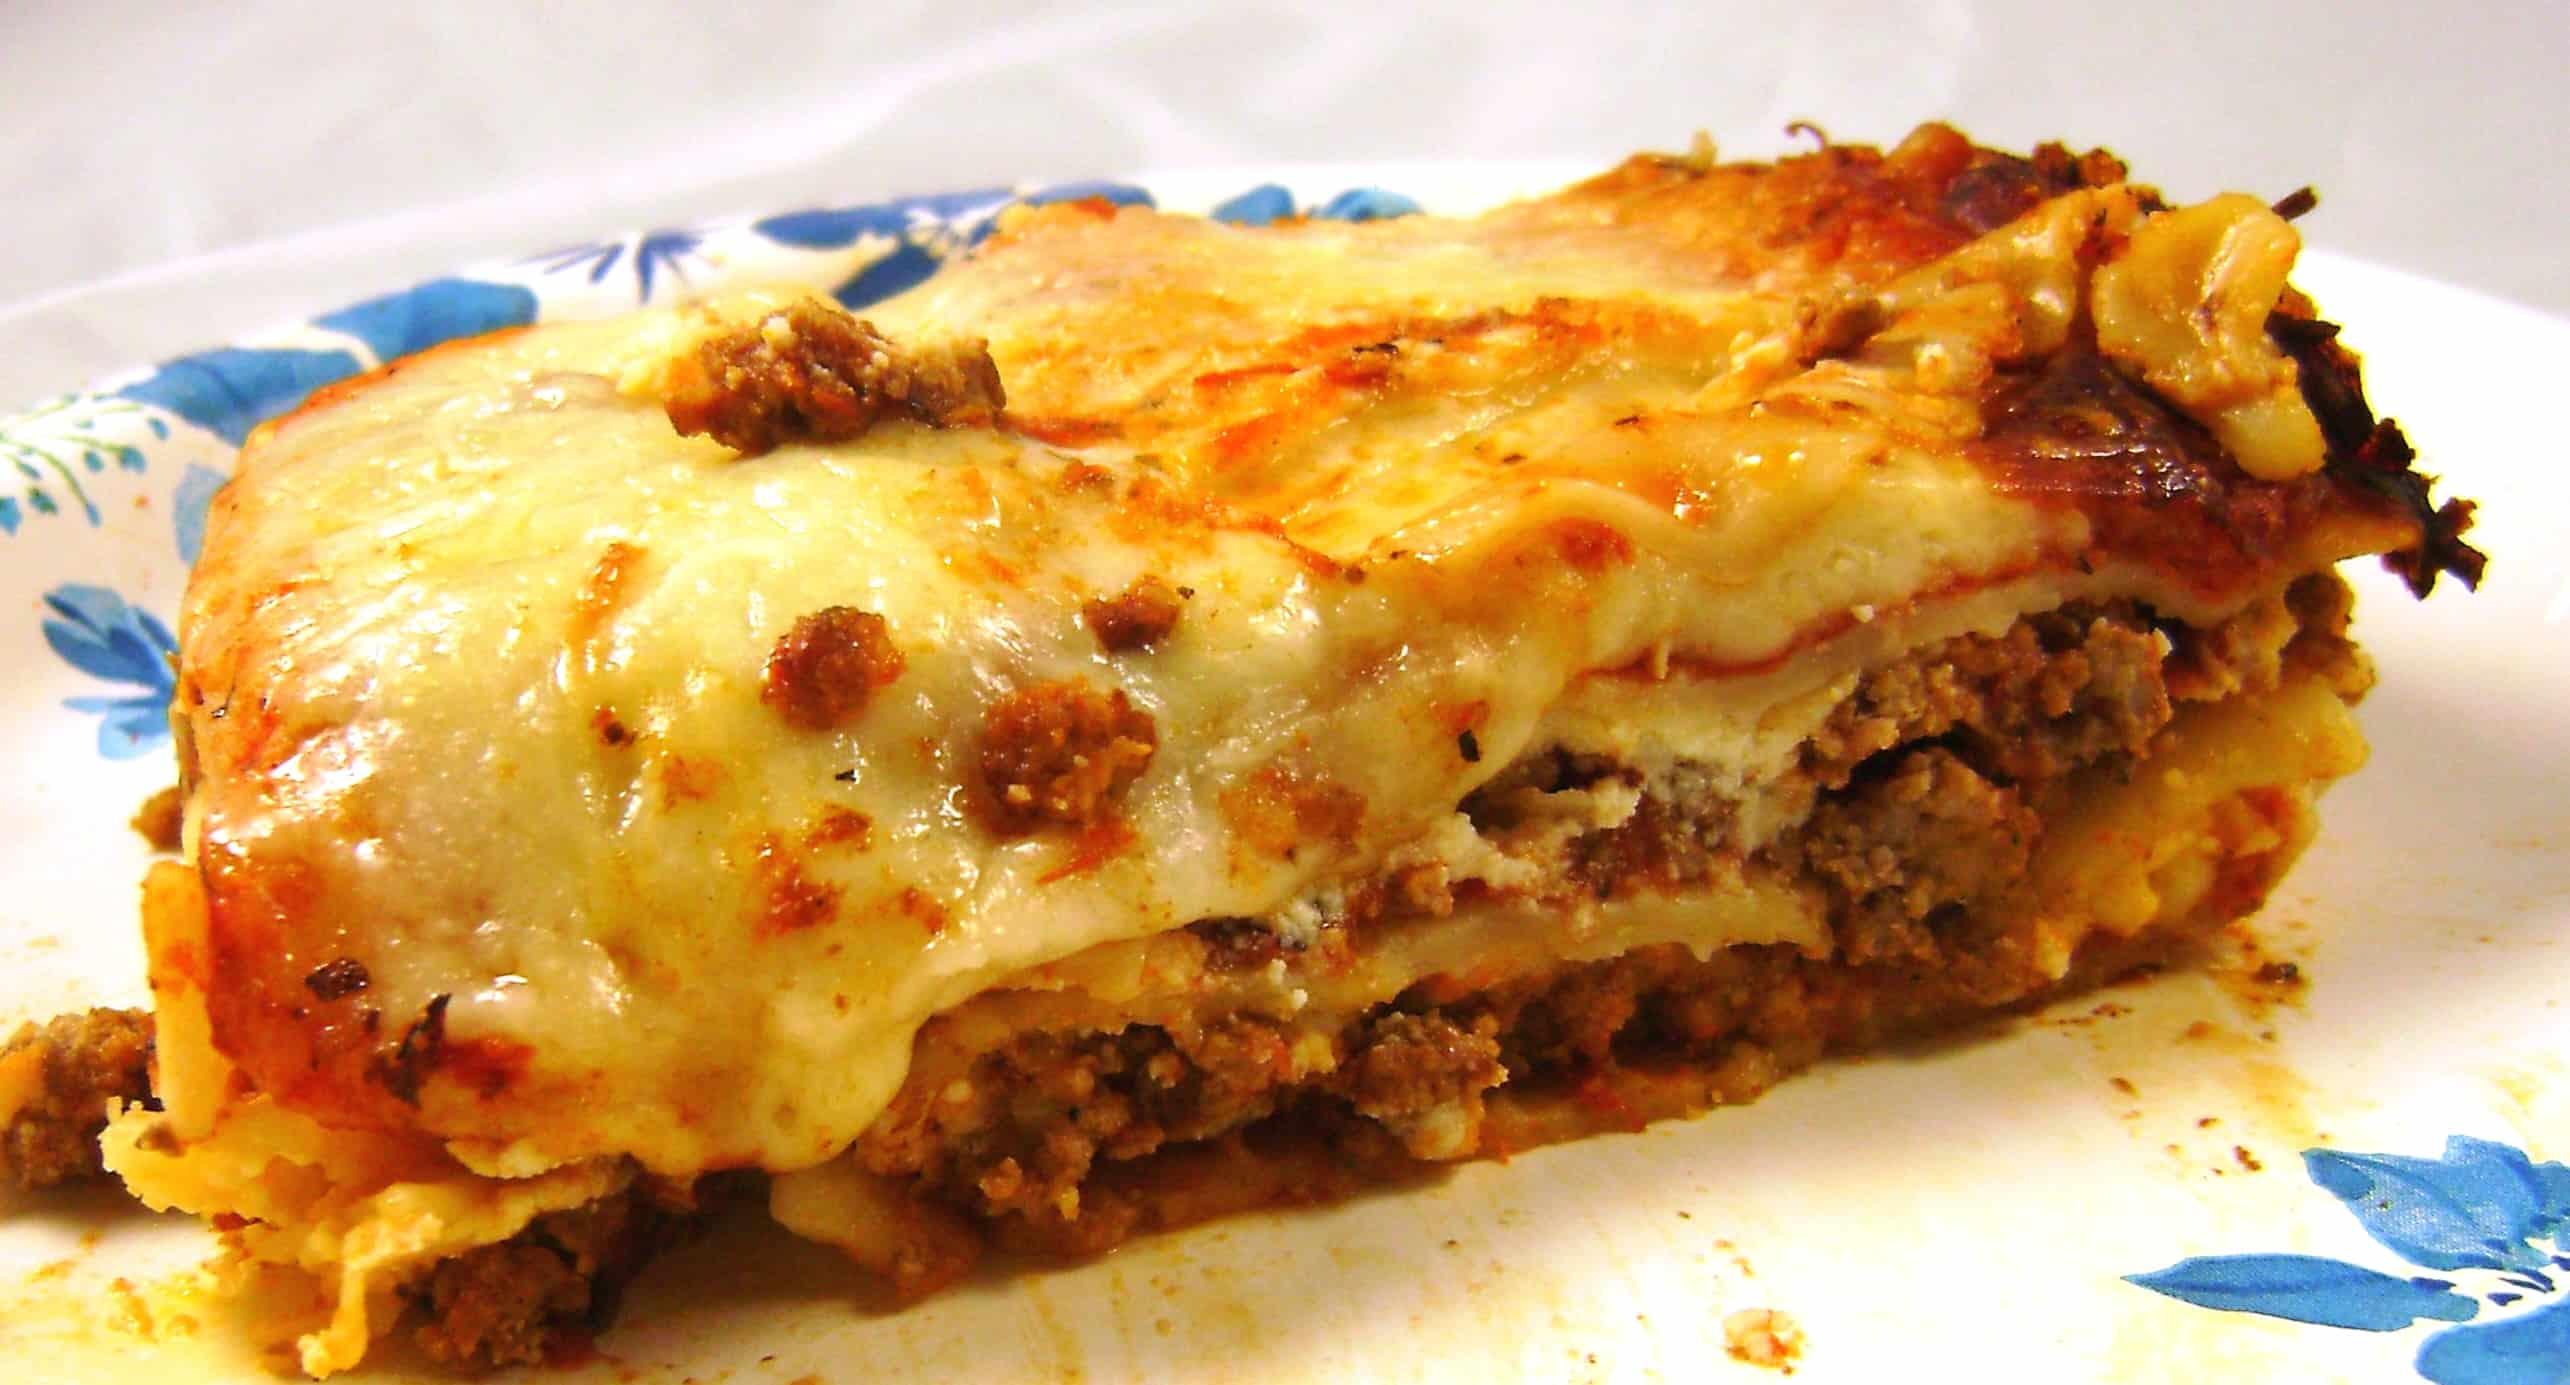 ... best lasagna ever lasagna lasagna my mom s lasagna pasta vetta lasagna